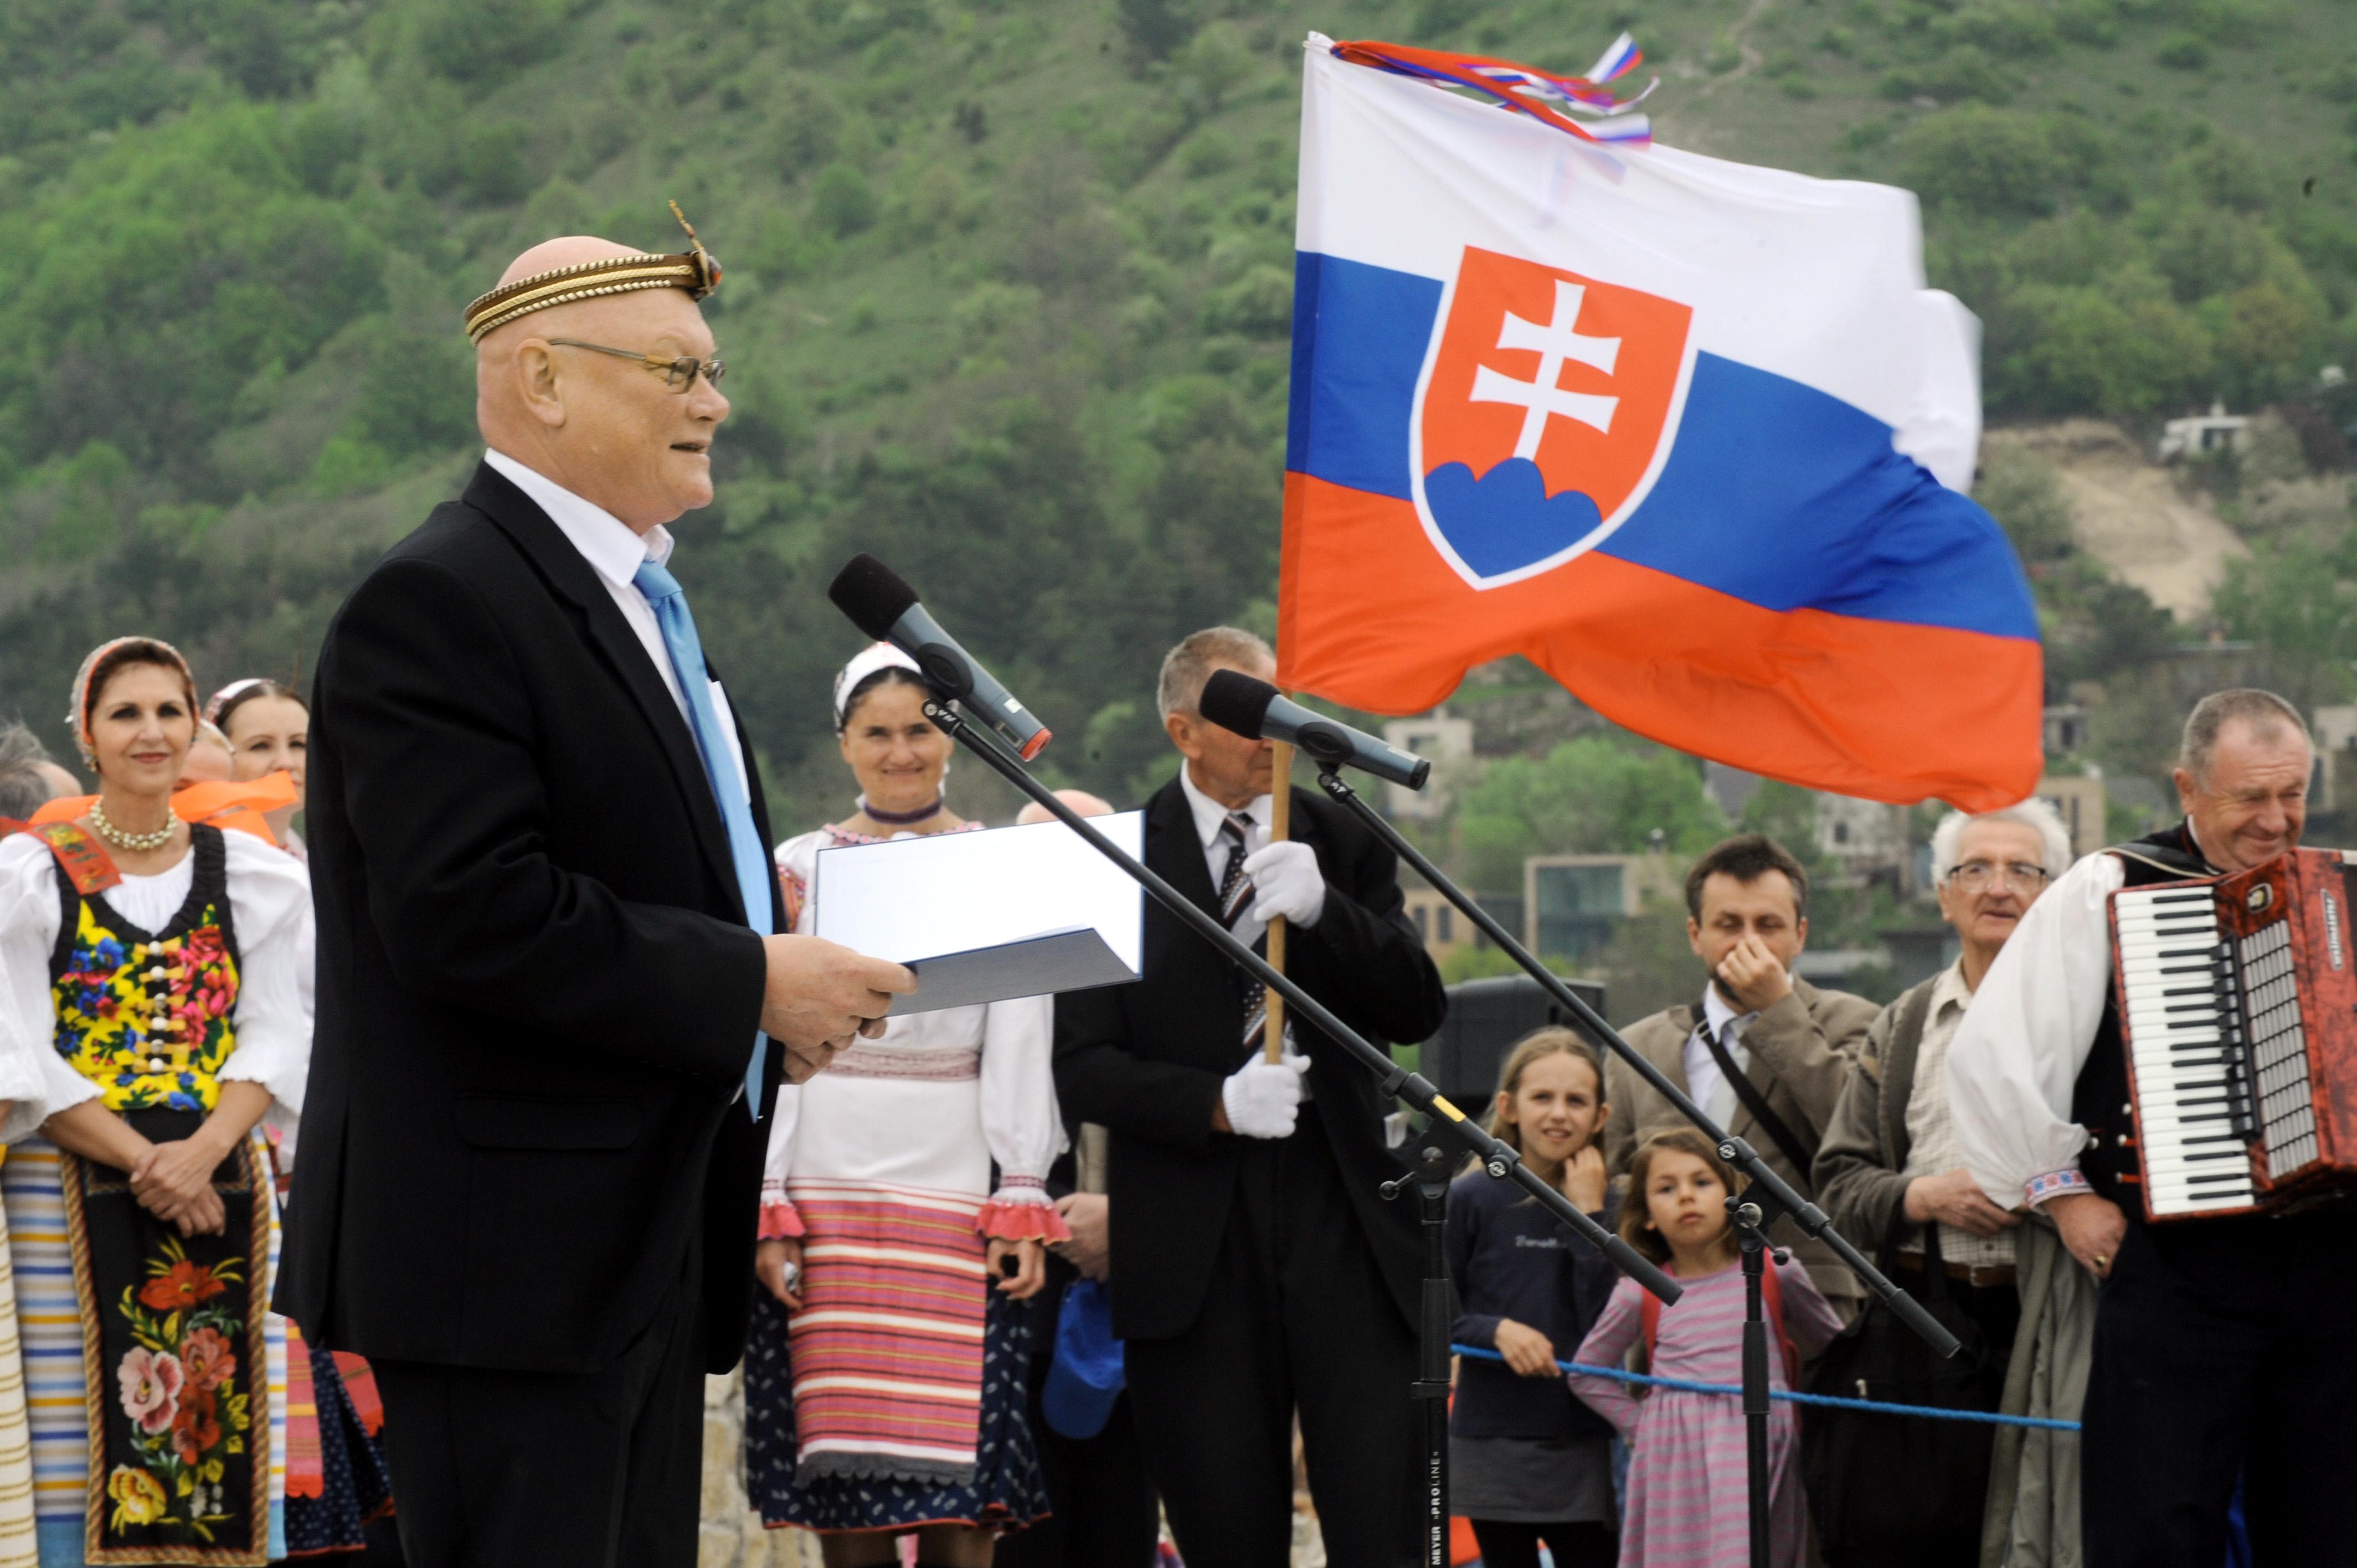 Súčasný predseda Matice slovenskej Marián Tkáč počas slávnosti na hrade Devín. (Foto: archív)